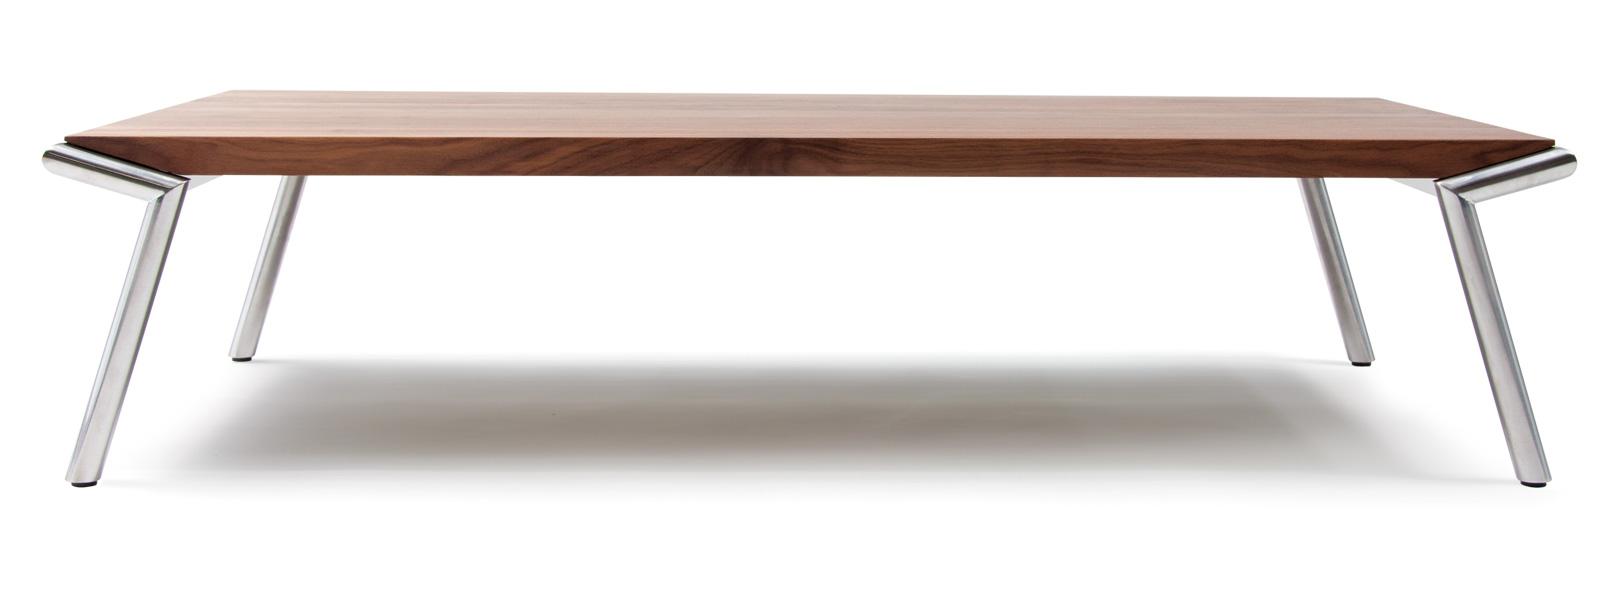 Harvink Design Salontafel.Zotte Salontafel Harvink Complementen